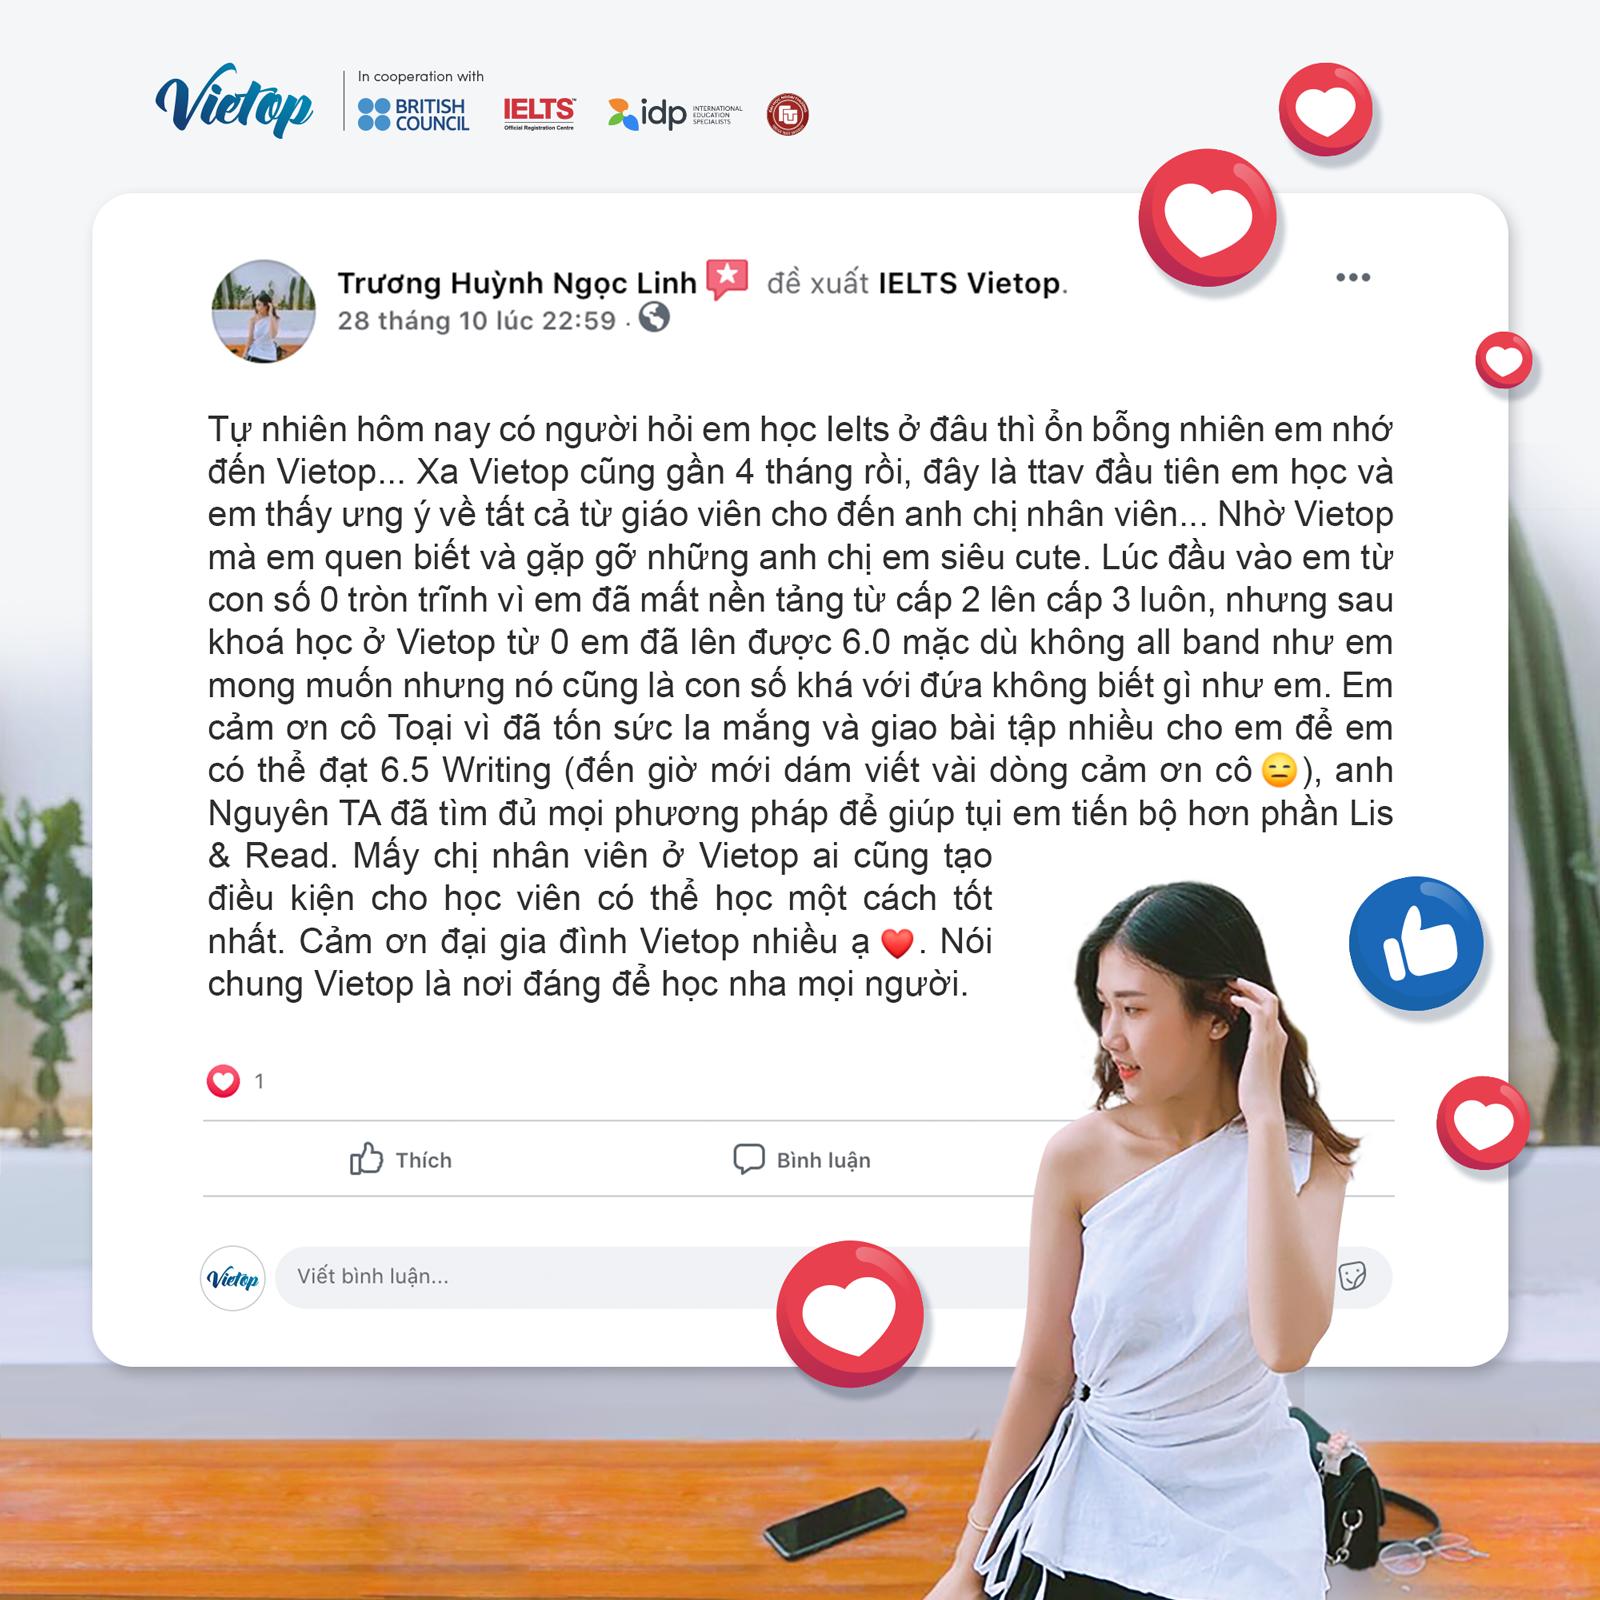 Review đánh giá trên Facebook từ học viên về trung tâm luyện thi IELTS Vietop